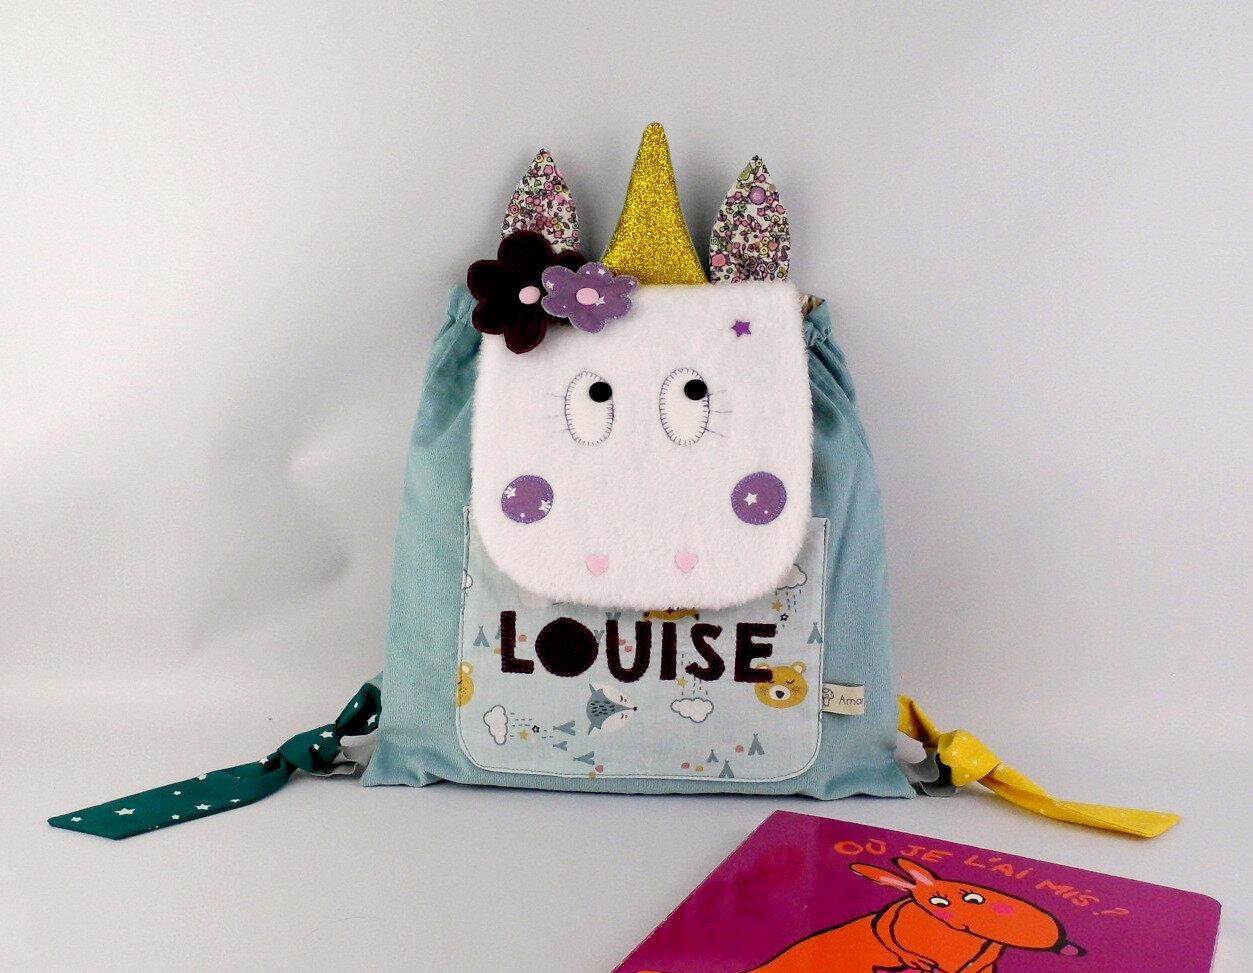 Sac à dos bébé personnalisé Louise cartable maternelle licorne mauve violet bleu cadeau naissance baptême